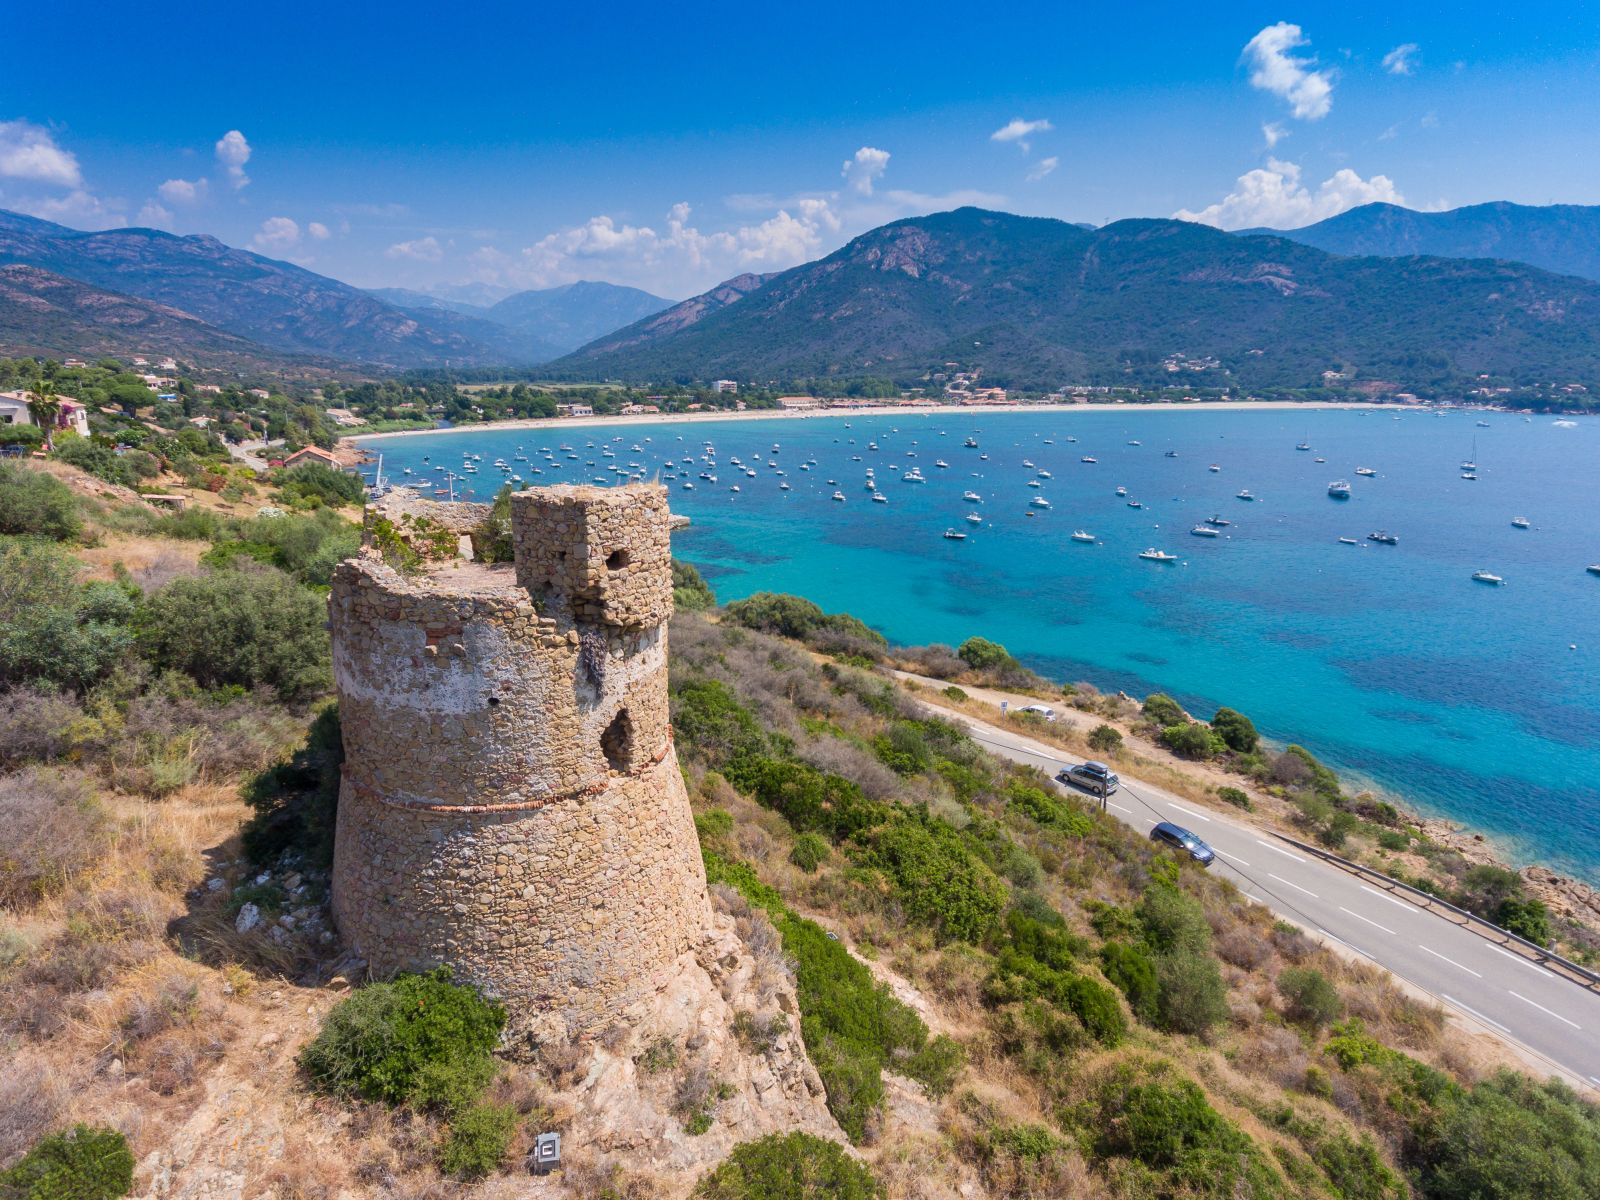 Von Sardinien und der Toskana aus können erfahrene Segler auch Korsika ansteuern. ©Martin/AdobeStock